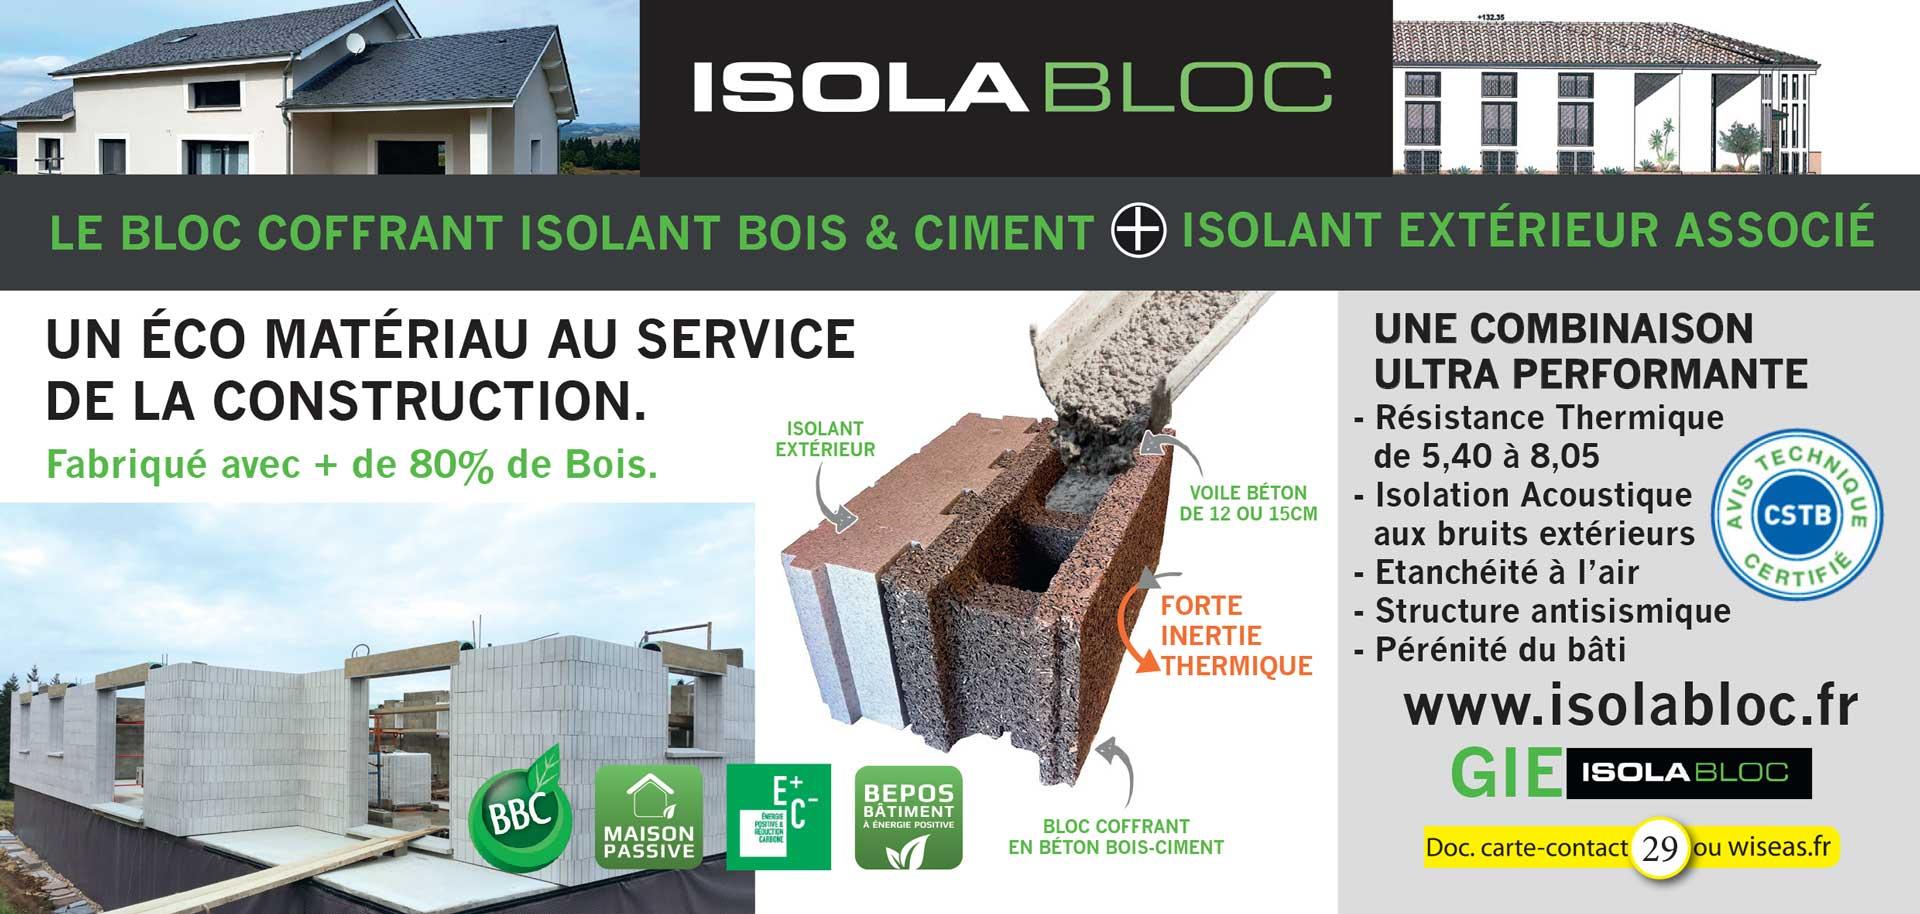 isolabloc - eco matériau isolabloc